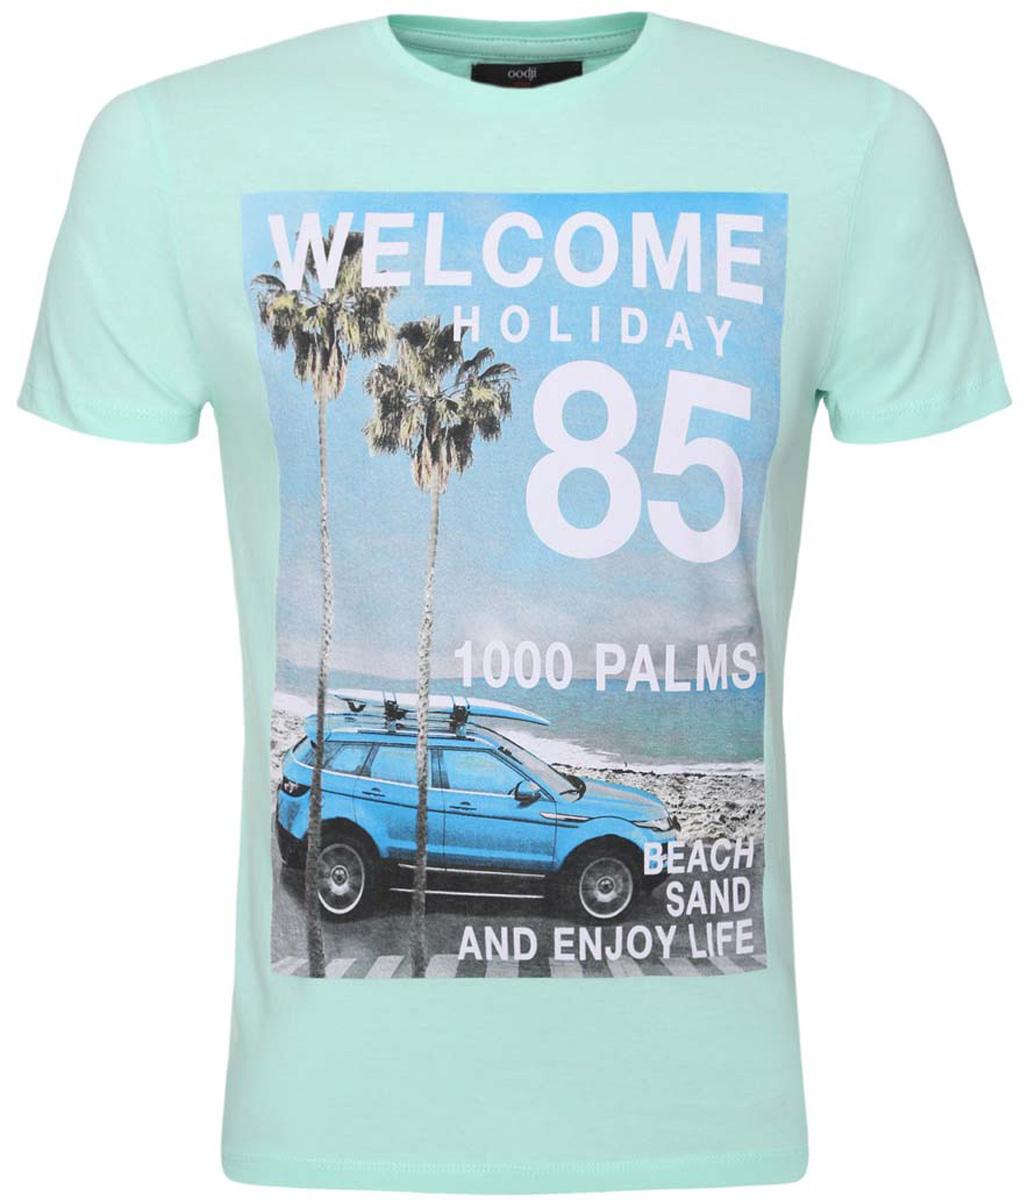 5L611269M/39485N/6575PМужская футболка oodji изготовлена из натурального высококачественного хлопка. Выполнена с круглым воротом и классическими короткими рукавами. Оформлена принтом на морскую тематику и надписями на английском языке.